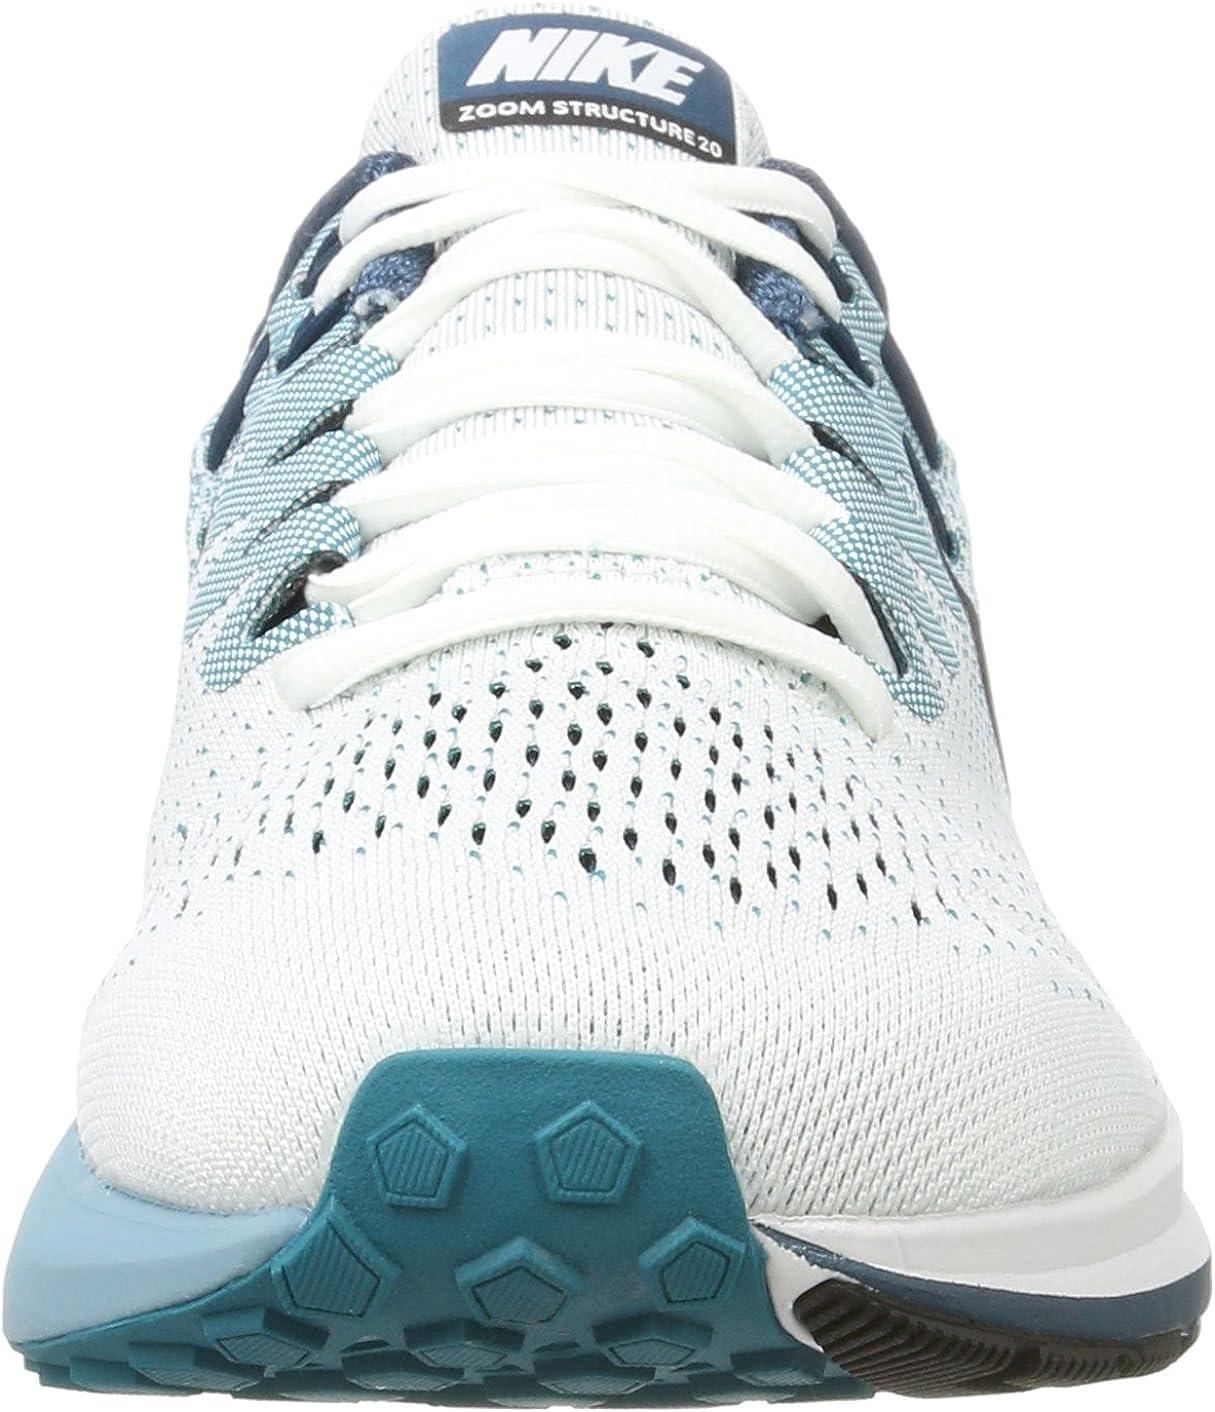 Nike Air Zoom Structure 20, Zapatillas de Running para Hombre, Multicolor (White/Black-Blustery-Space Blue), 45.5 EU: Amazon.es: Zapatos y complementos